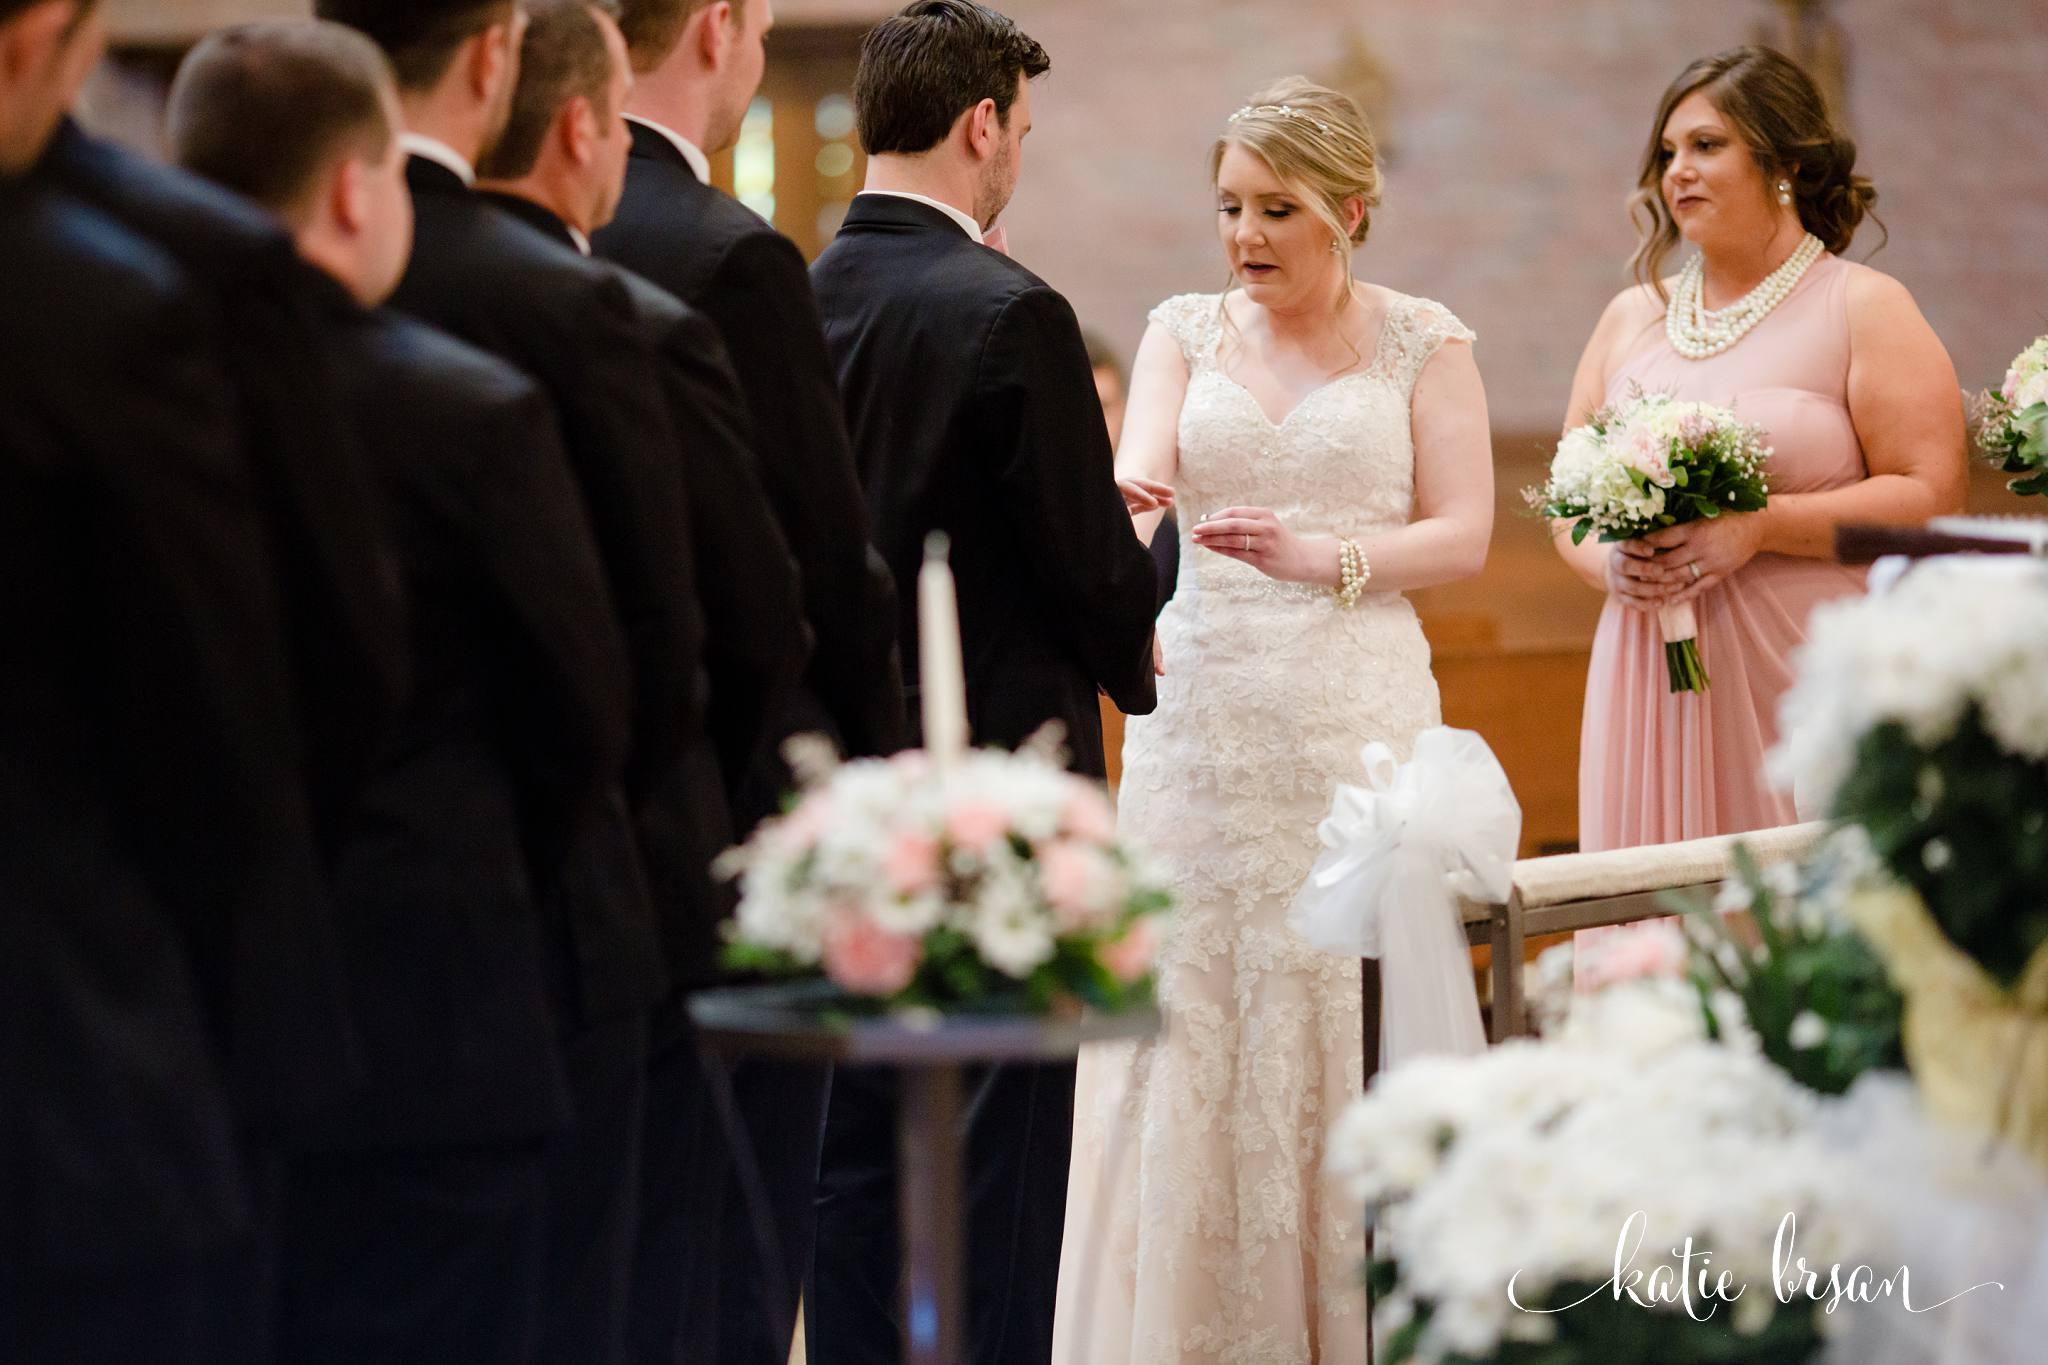 Mokena_Lemont_Wedding_Ruffled_Feathers_Wedding_1359.jpg